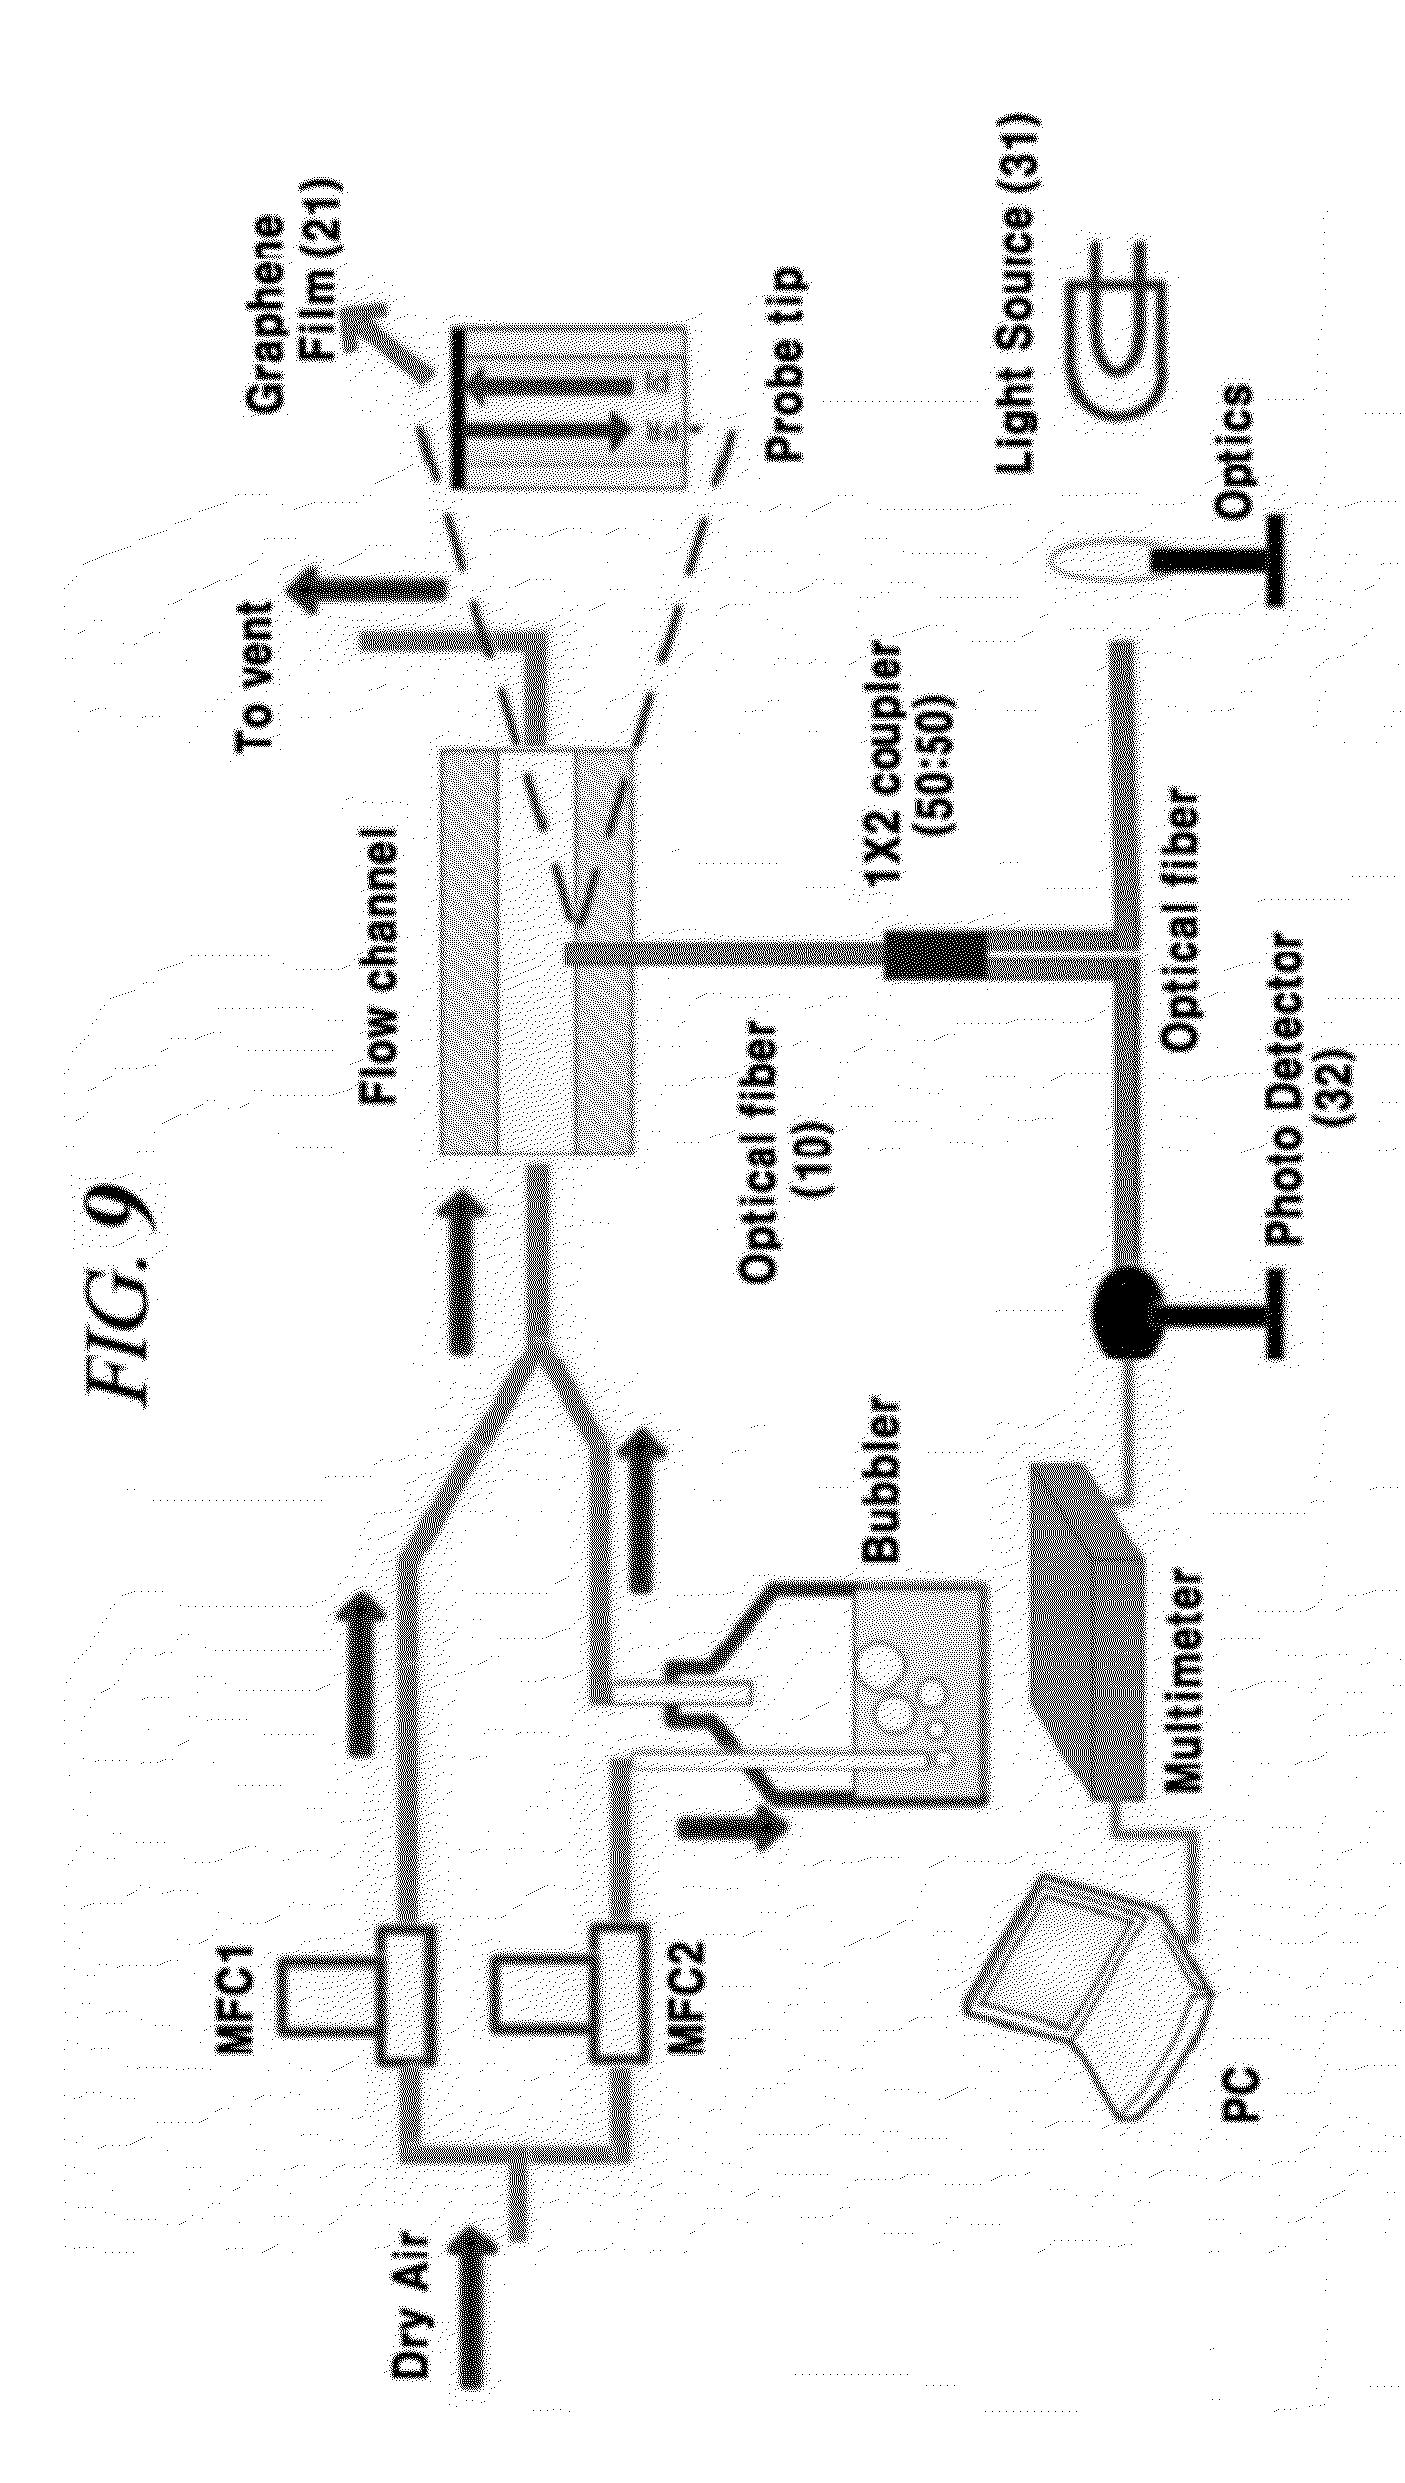 patent us20120288227